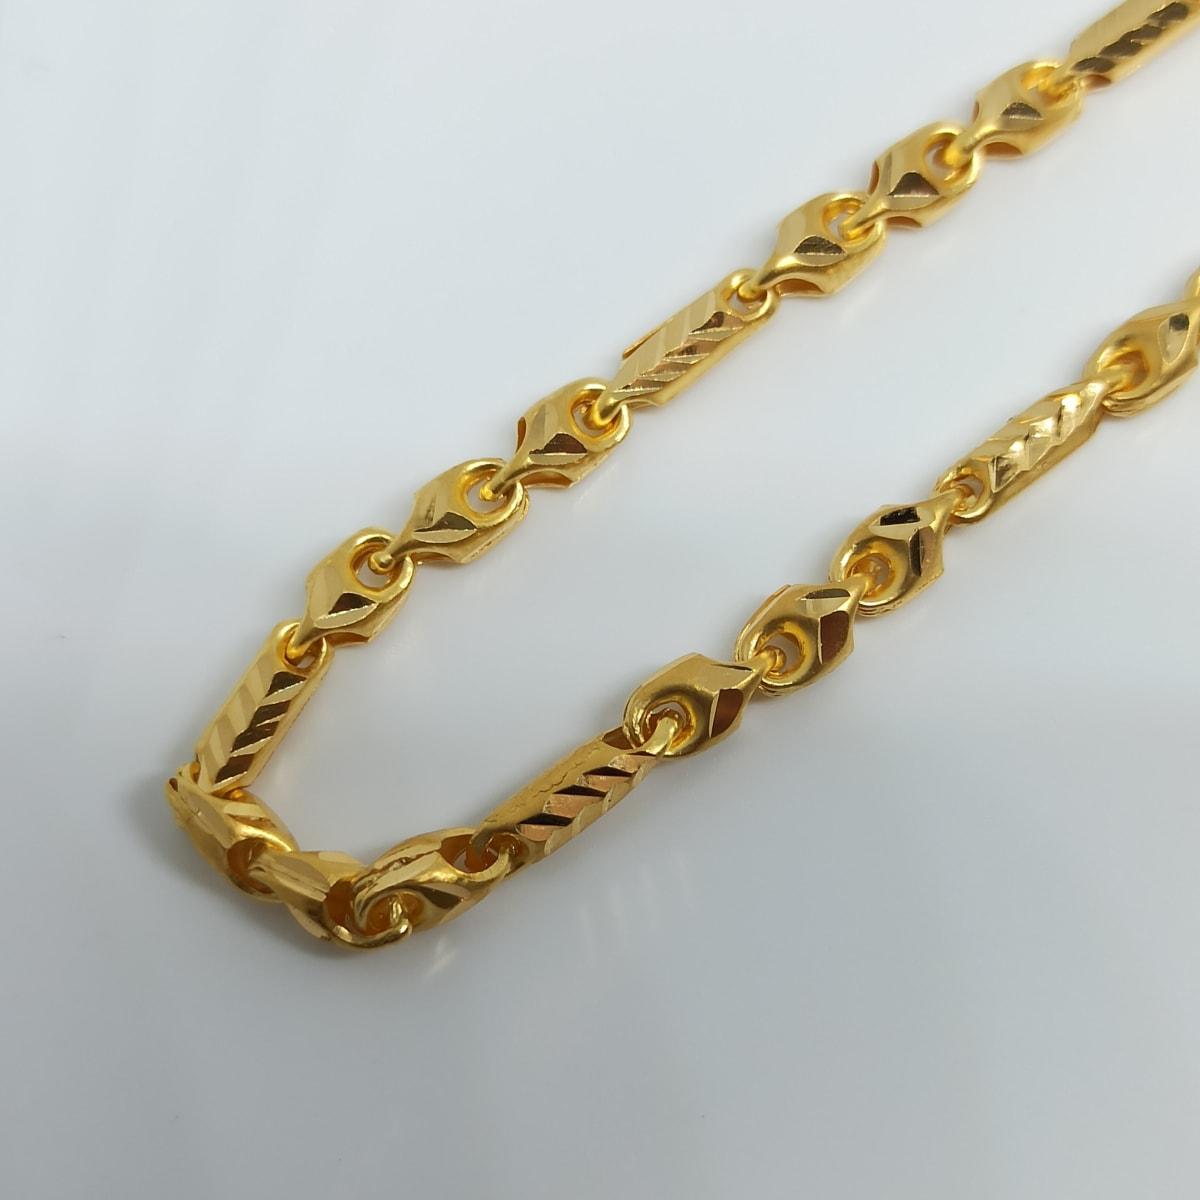 Bahubali Chain 18